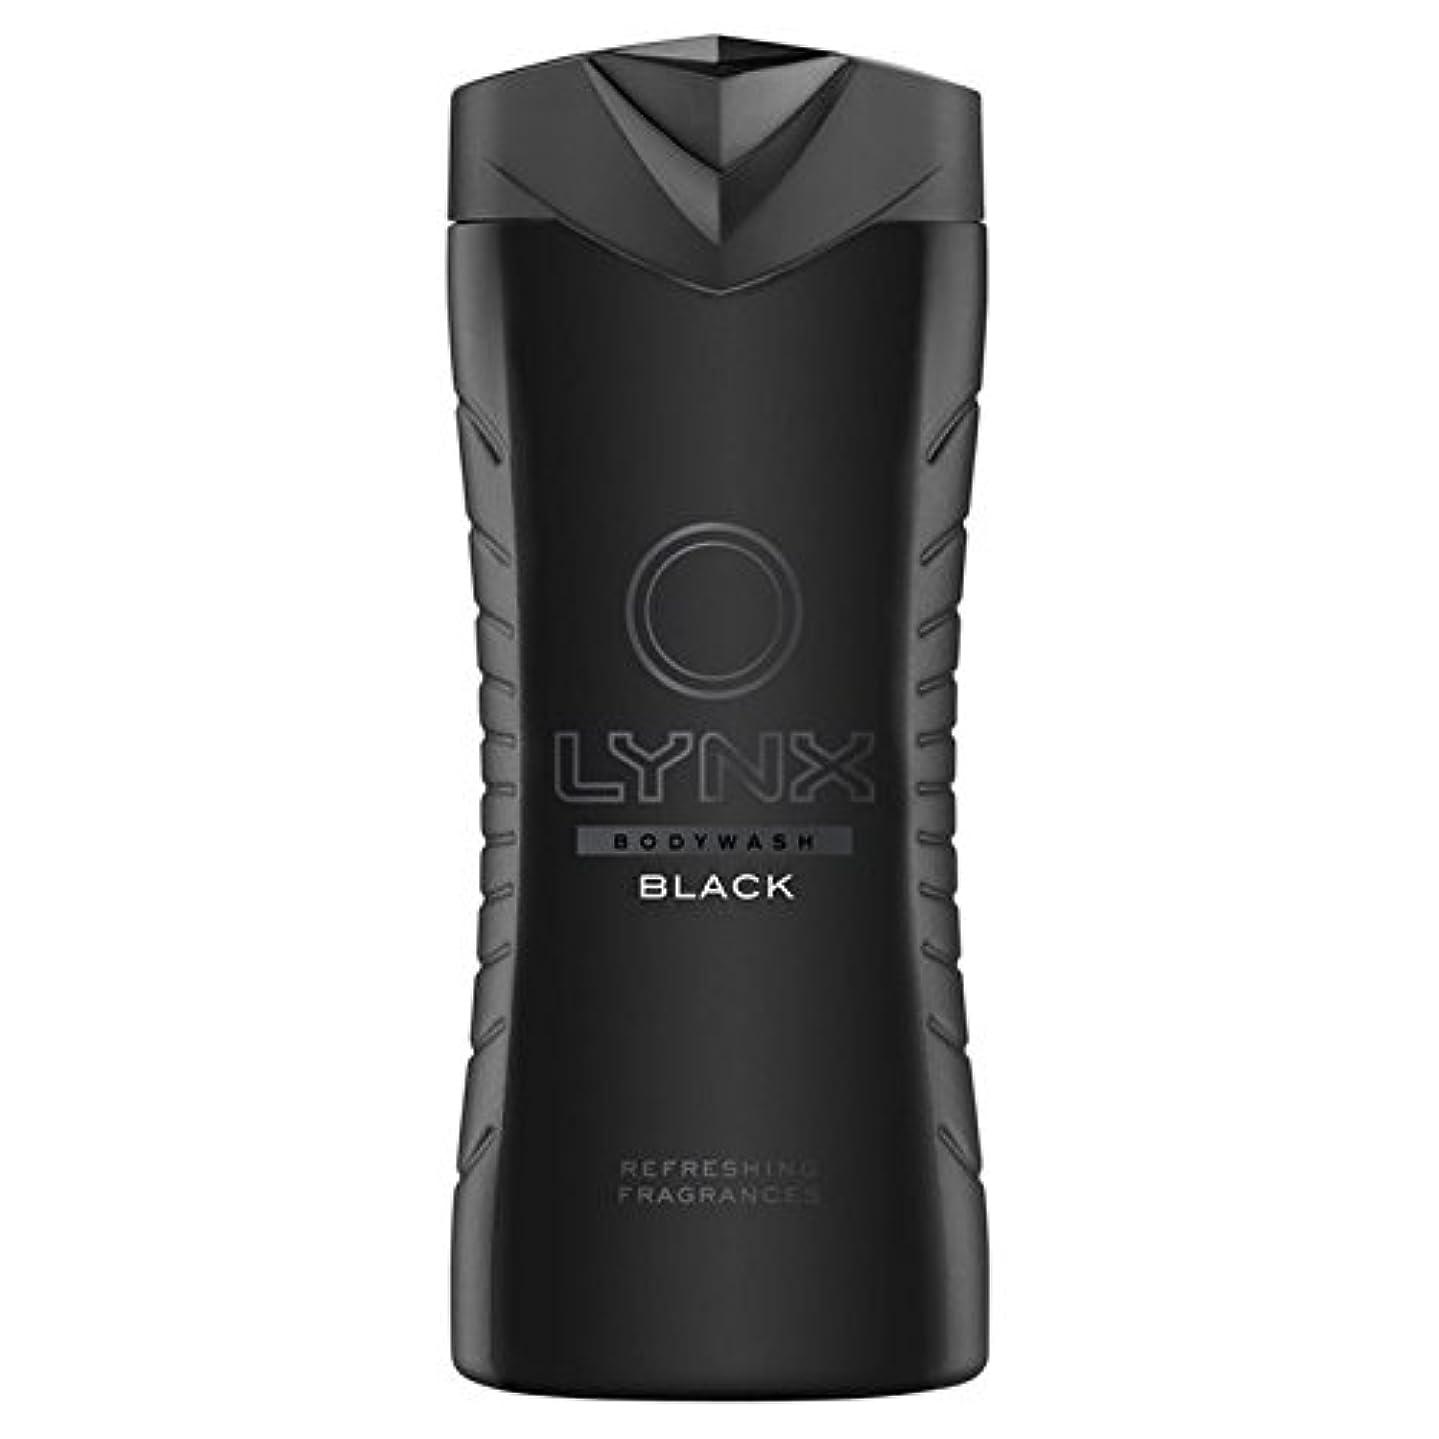 フラスコ蜂ベーカリーオオヤマネコブラックシャワージェル400ミリリットル x2 - Lynx Black Shower Gel 400ml (Pack of 2) [並行輸入品]